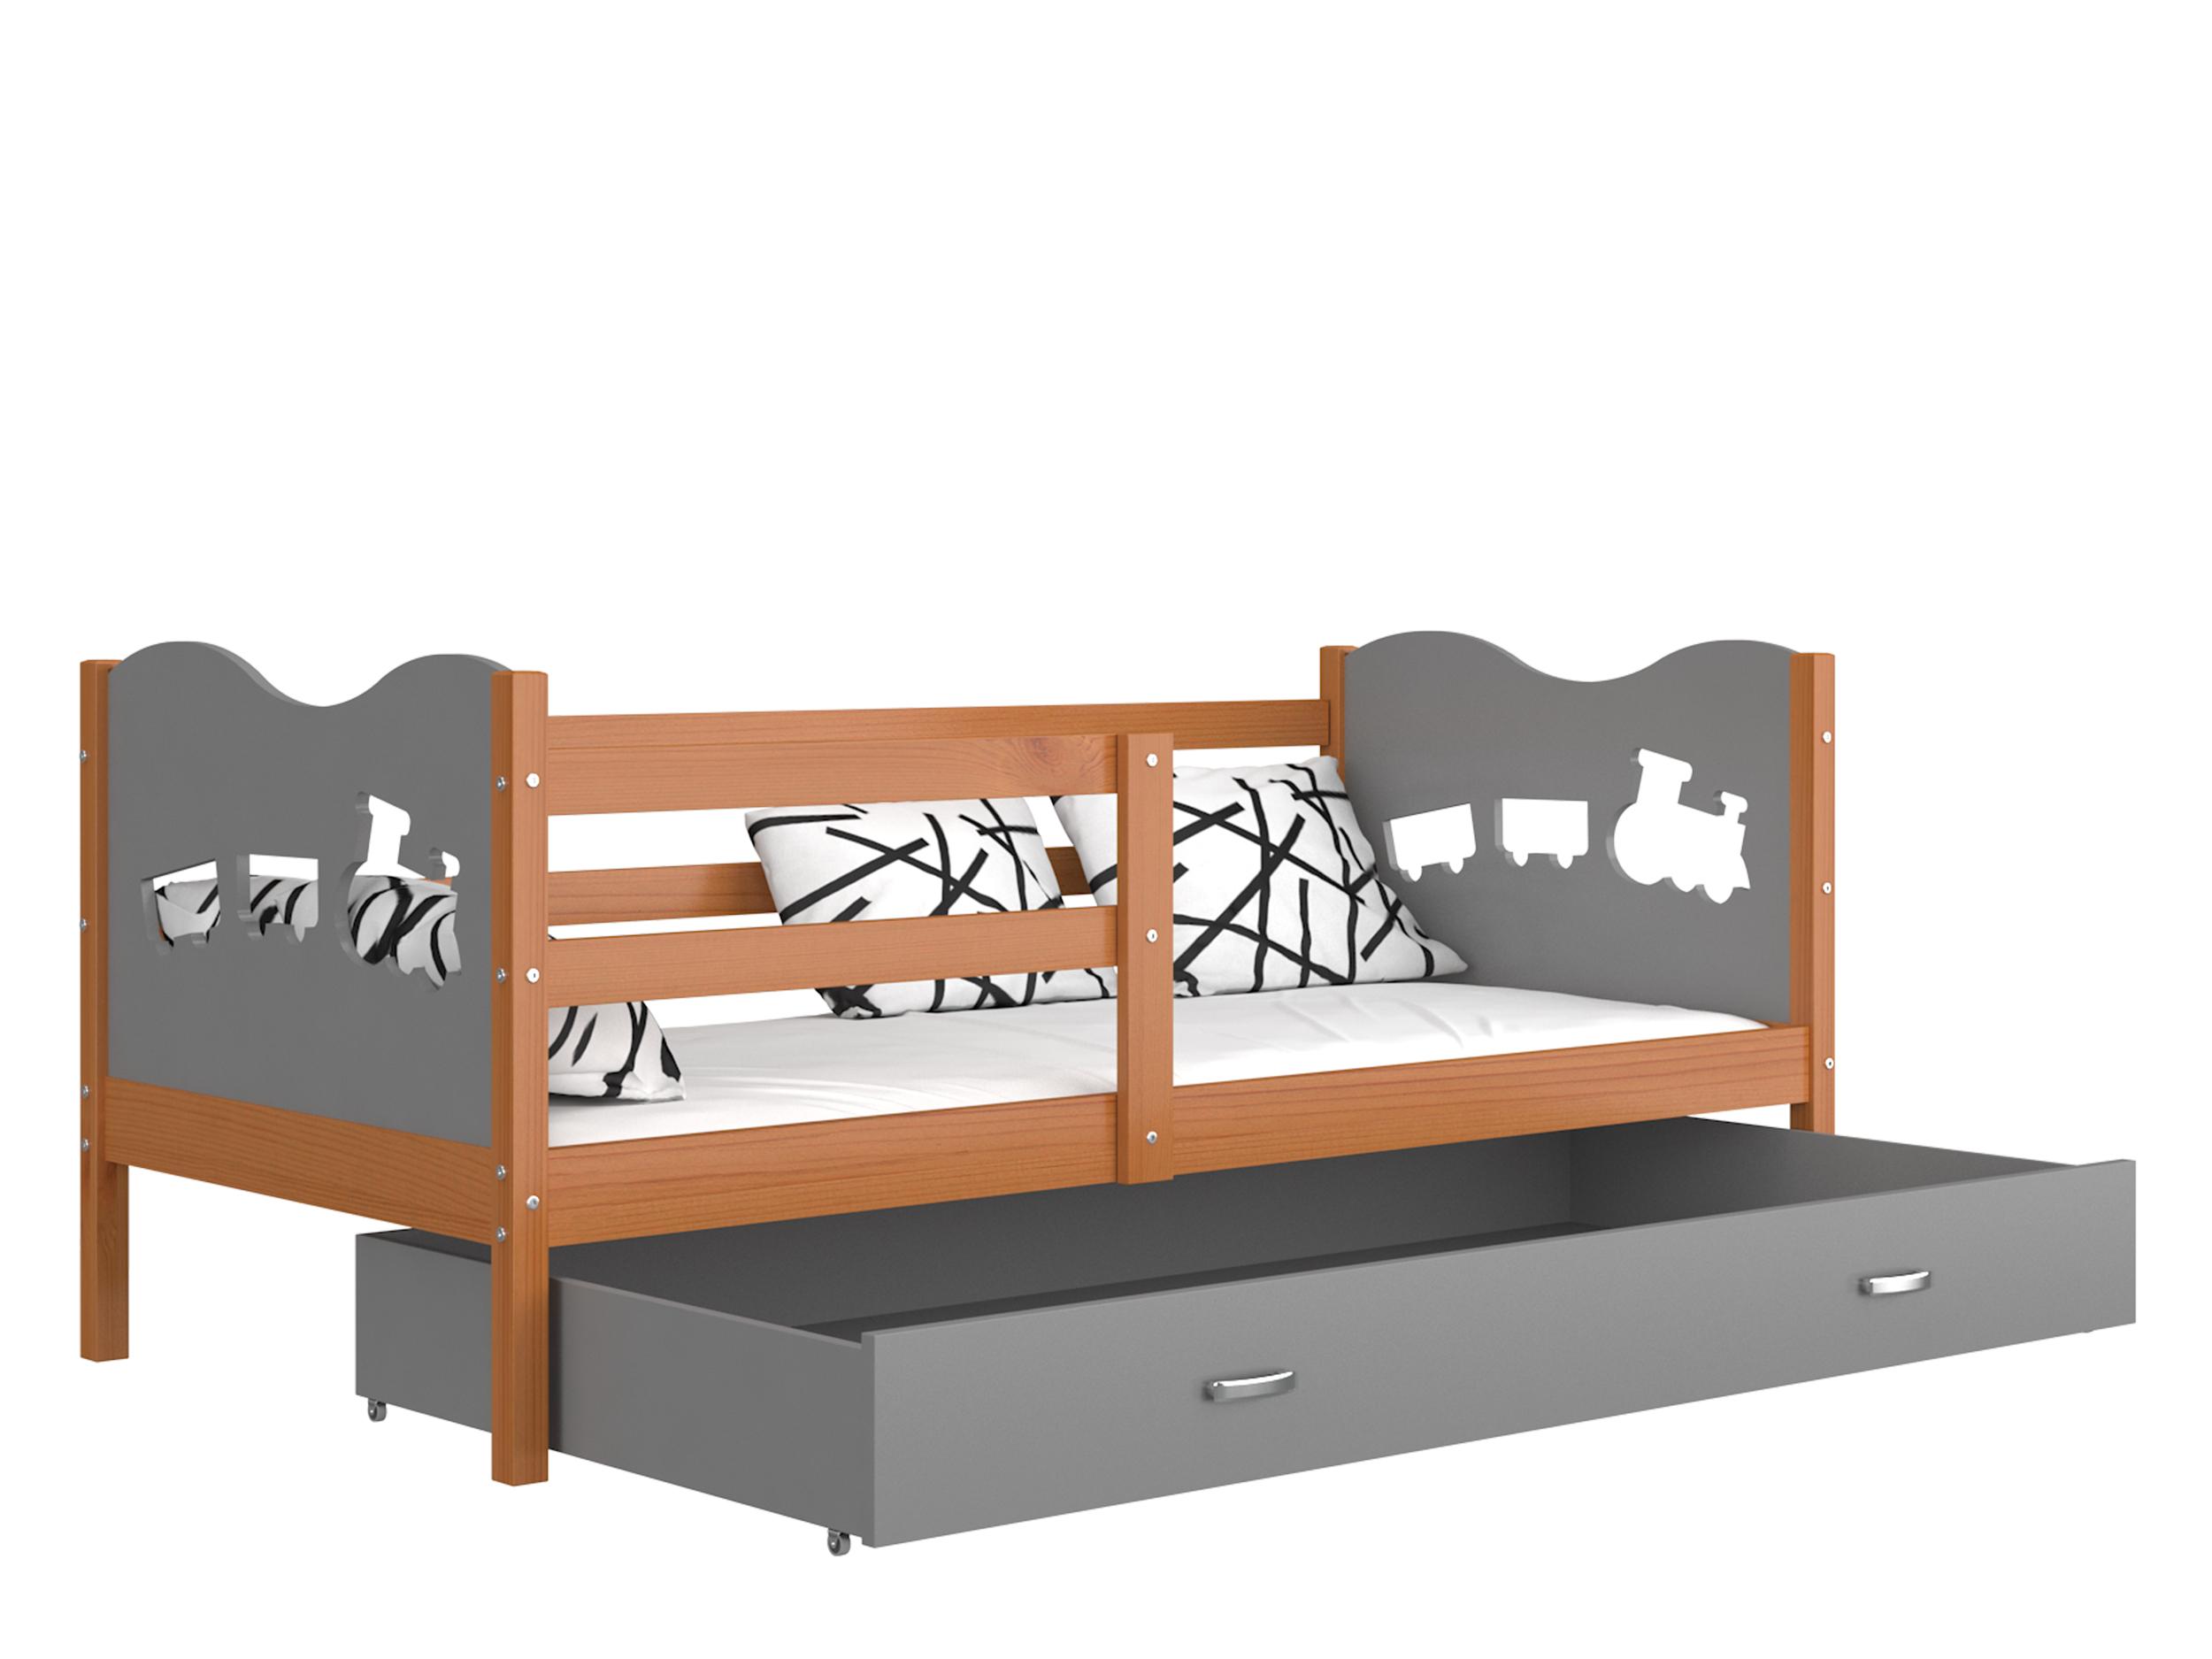 ArtAJ Detská posteľ MAX P drevo / MDF 160 x 80 cm Farba: jelša / sivá 160 x 80 cm, s matracom